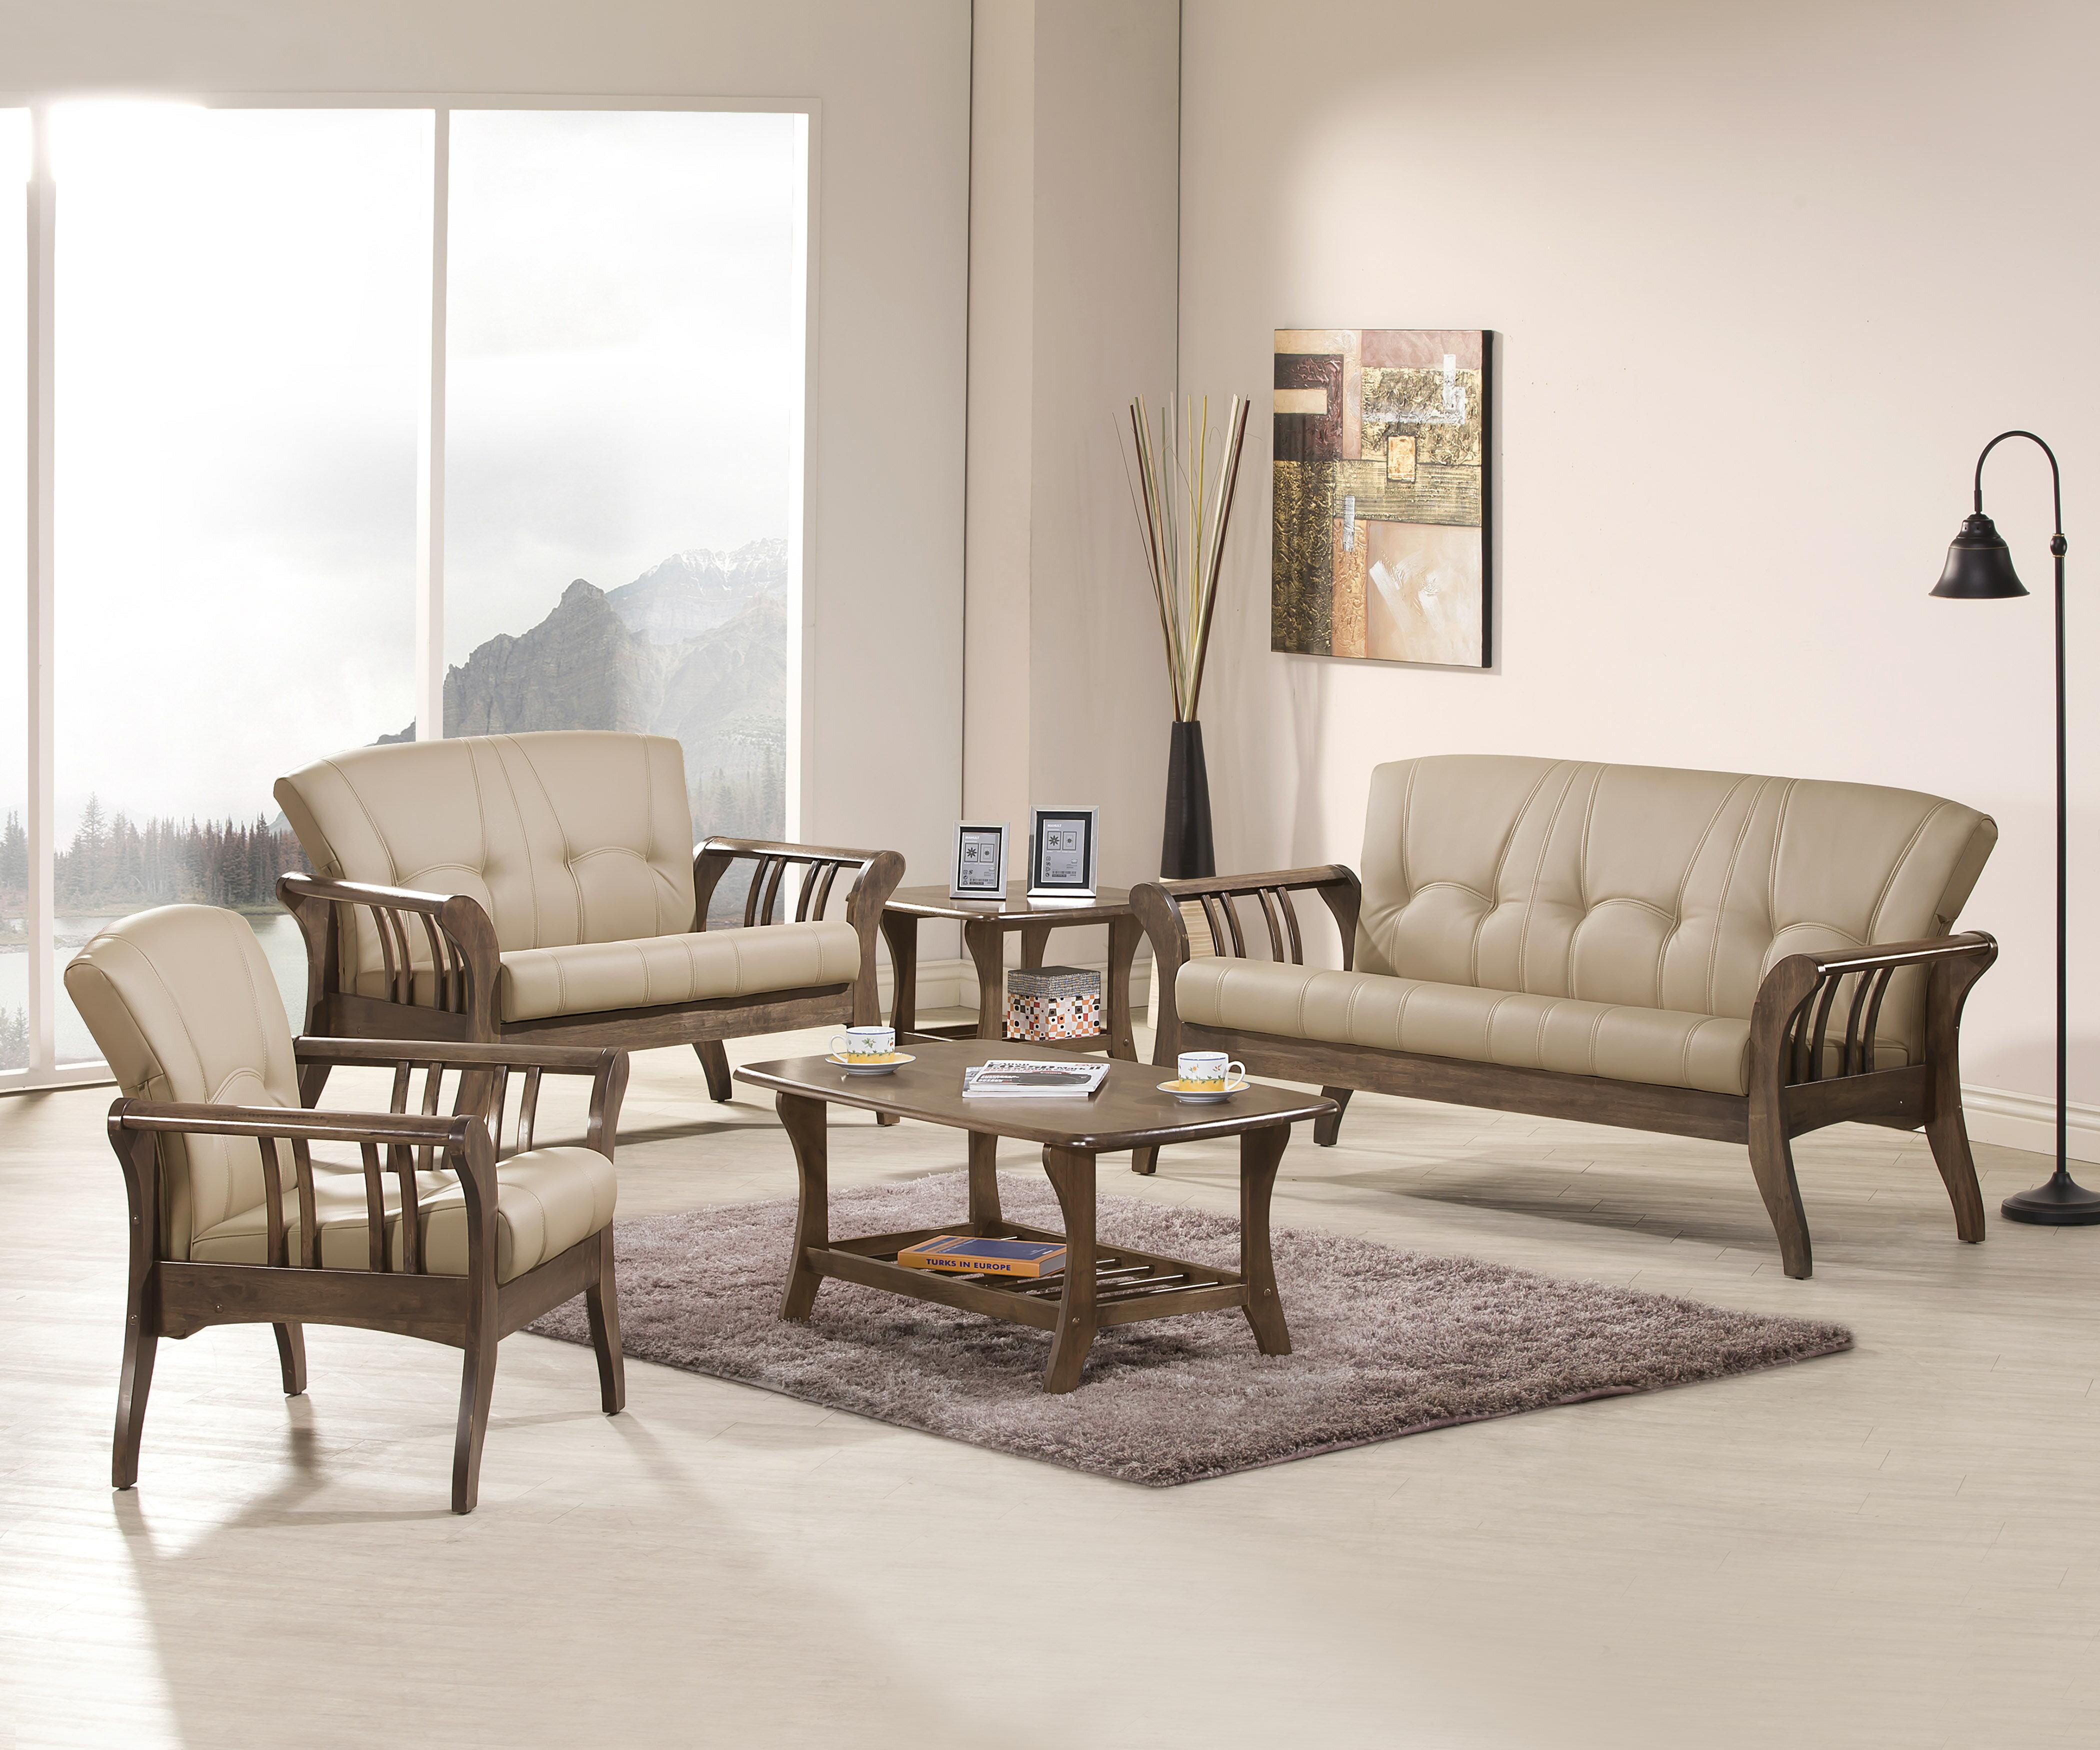 《伊豆》(促銷免運)卡其 三人沙發 全實木 三人位沙發 三人座 皮沙發 木製沙發 工廠直營 辦公沙發 組椅 !新生活家具! 樂天雙12